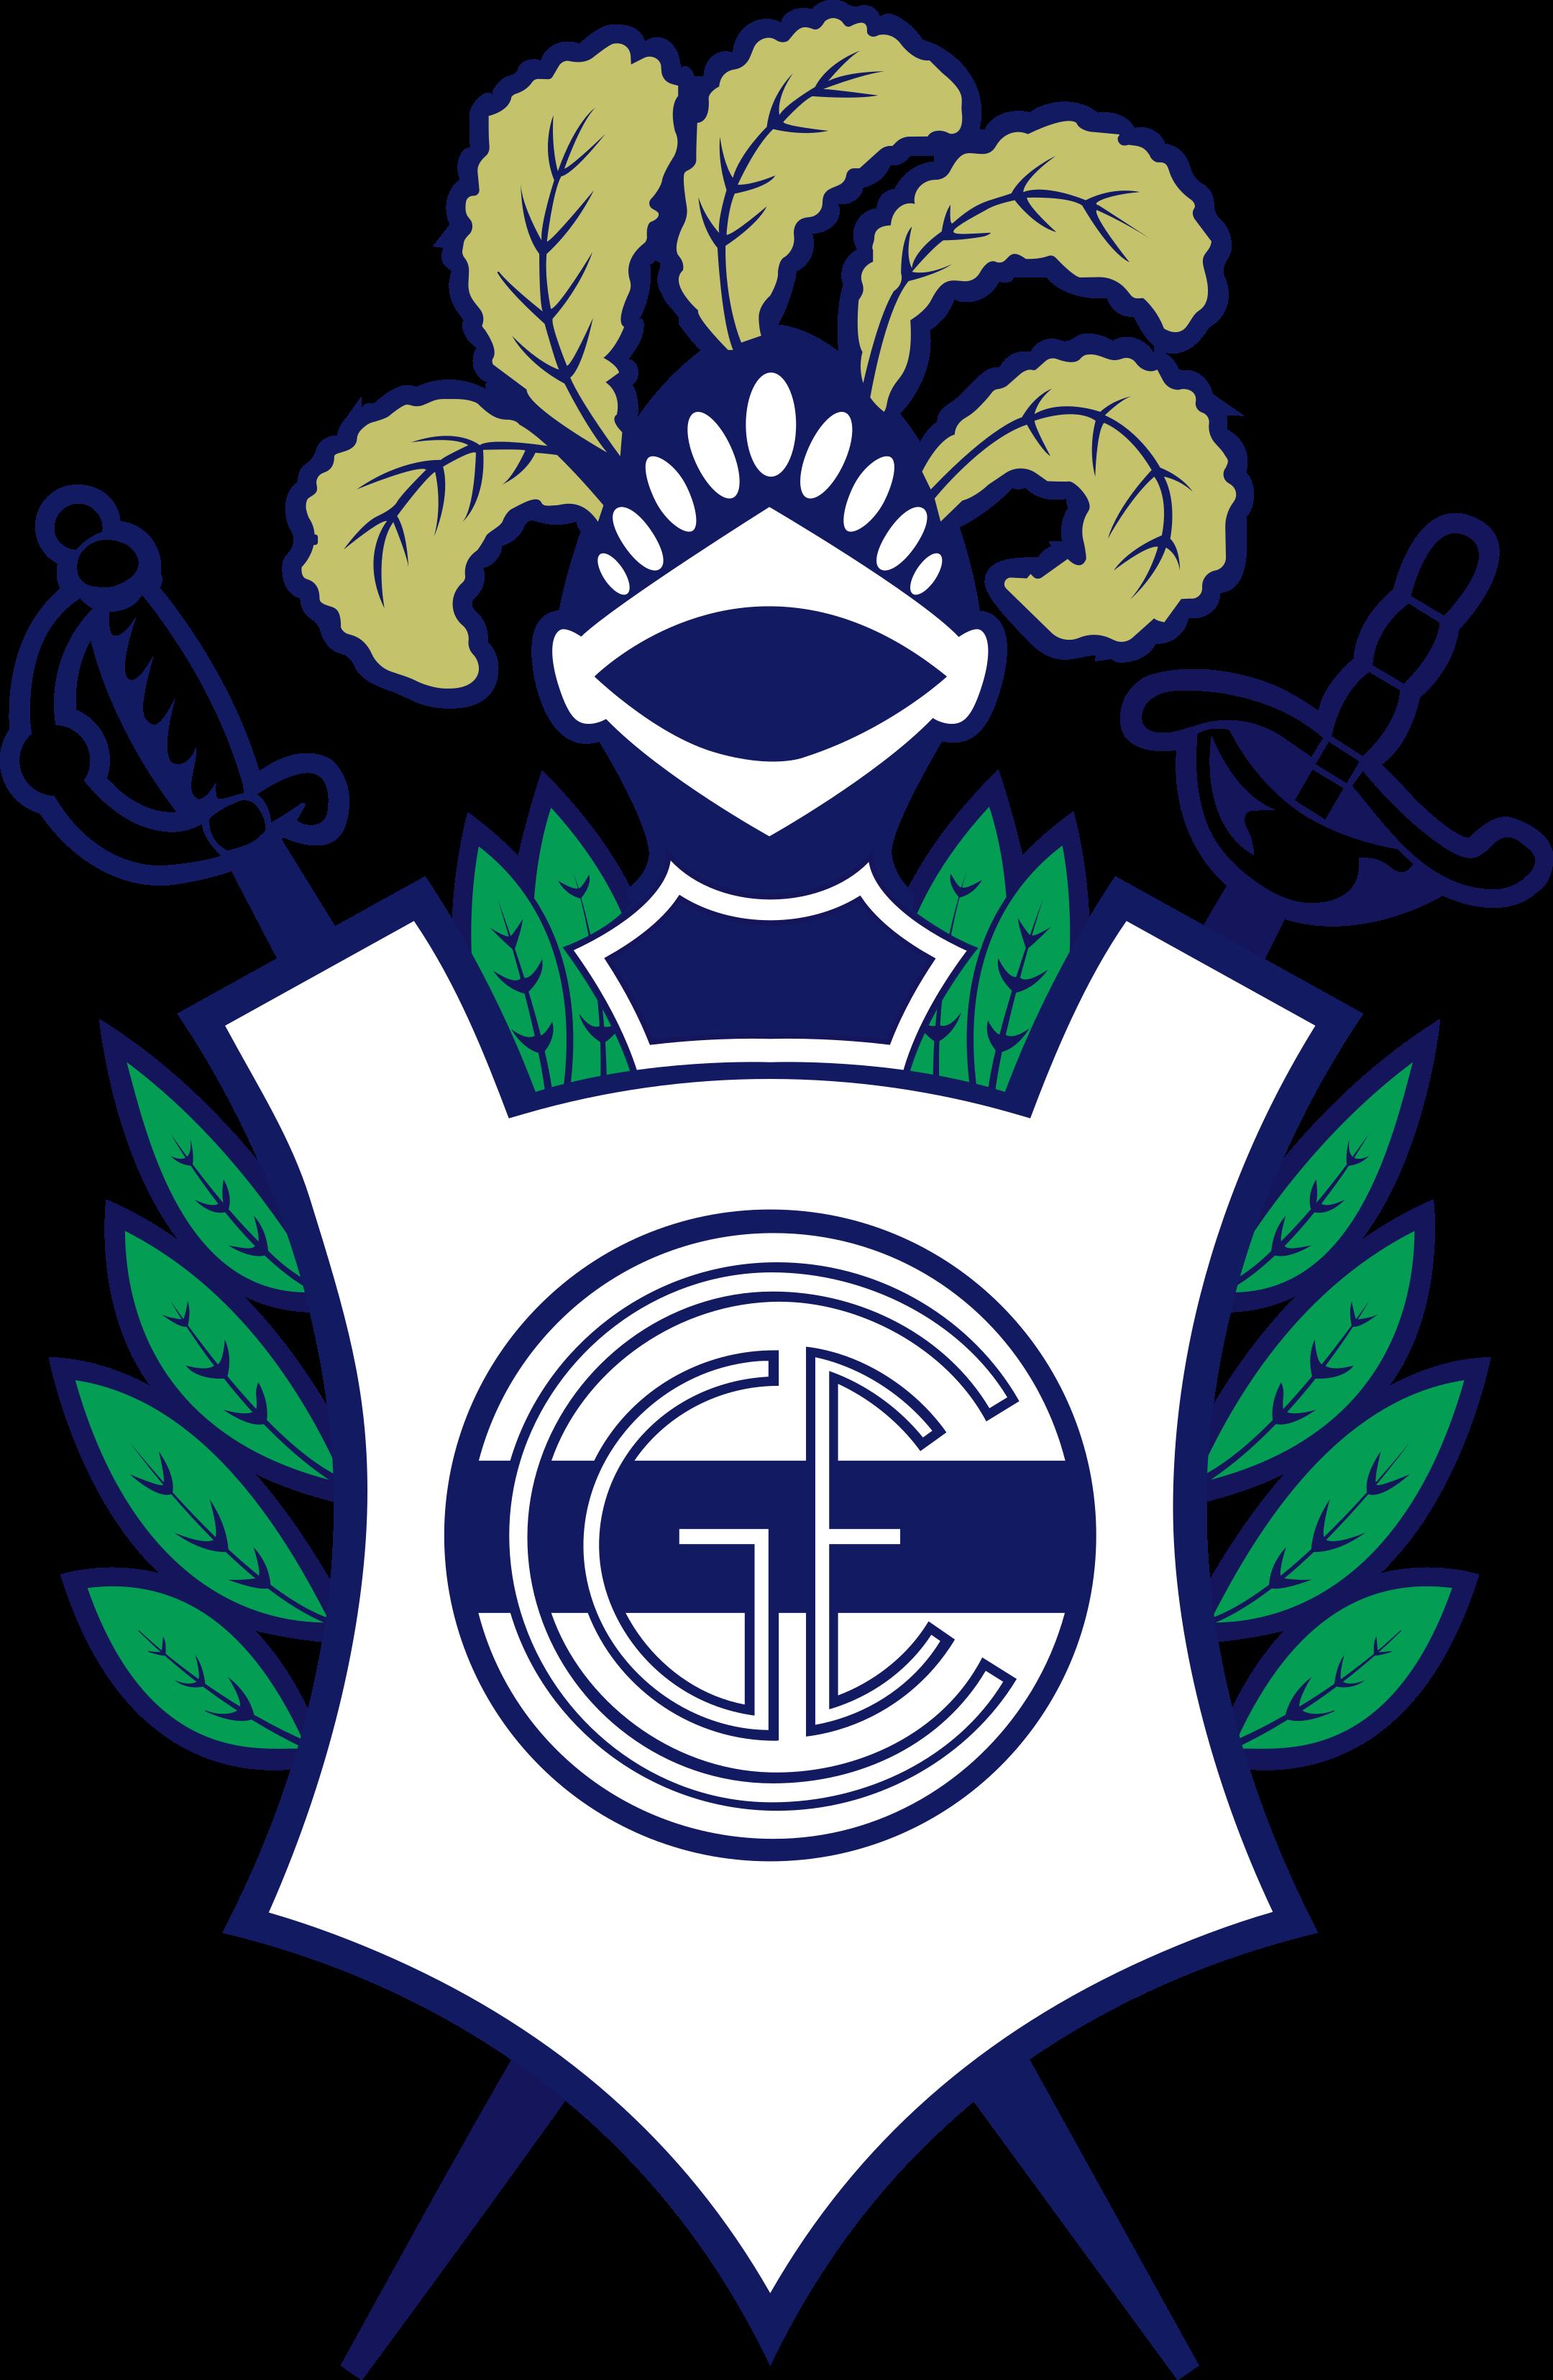 gimnasia y esgrima de la plata logo 1 - Gimnasia y Esgrima La Plata Logo